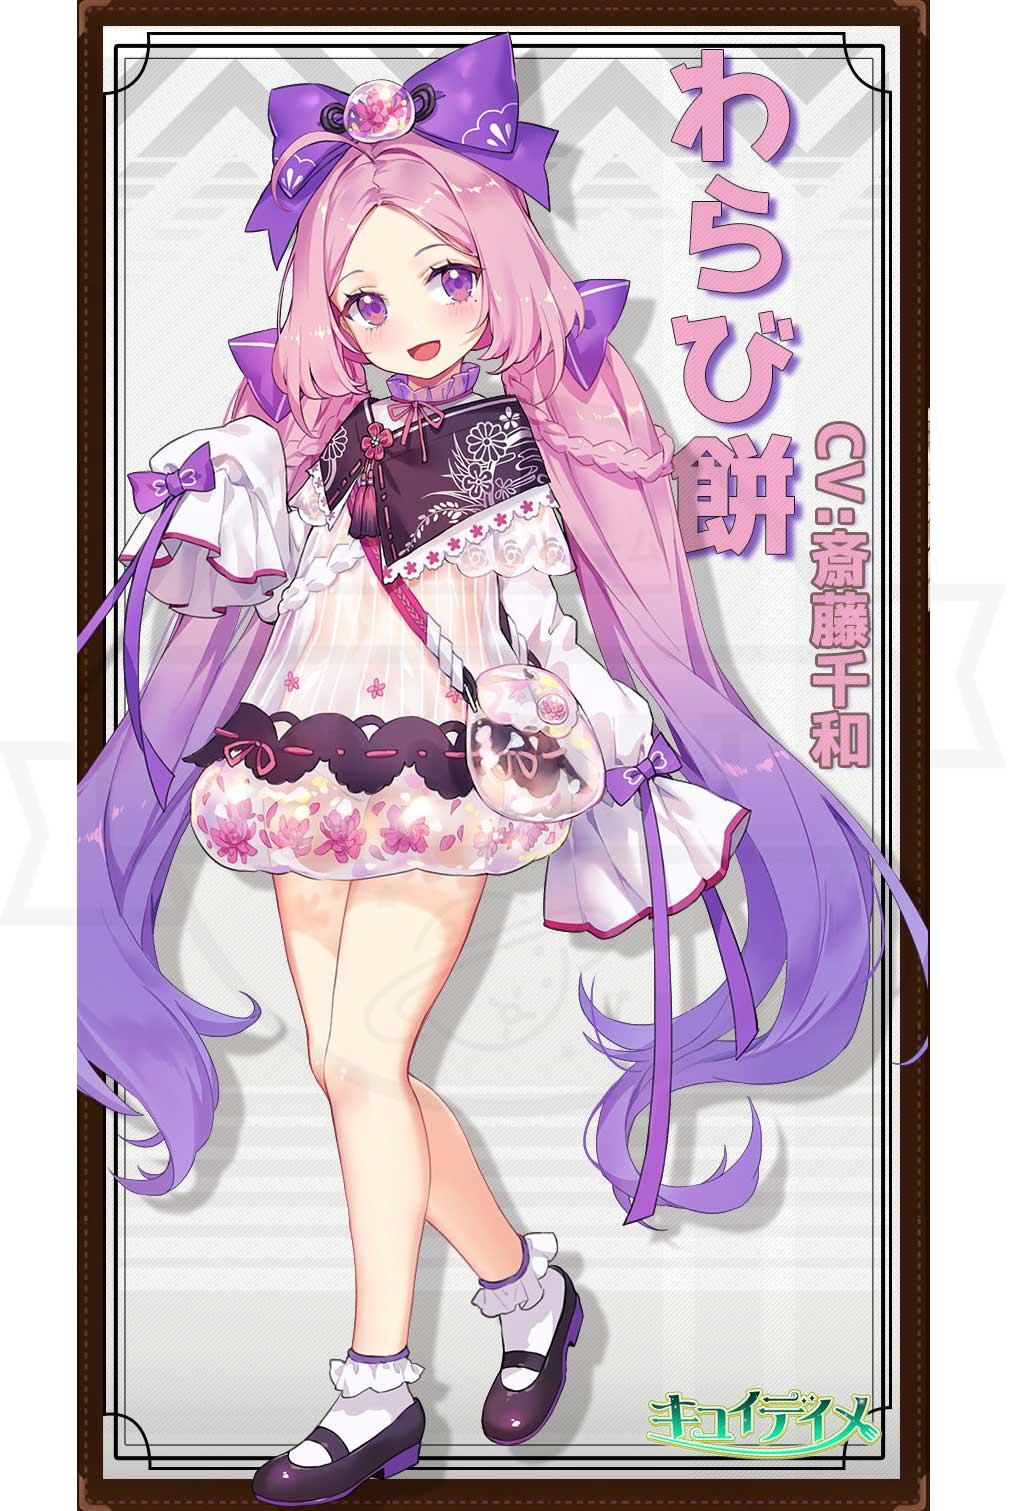 キュイディメ PC キャラクター『わらび餅 (CV:斎藤千和)』紹介イメージ